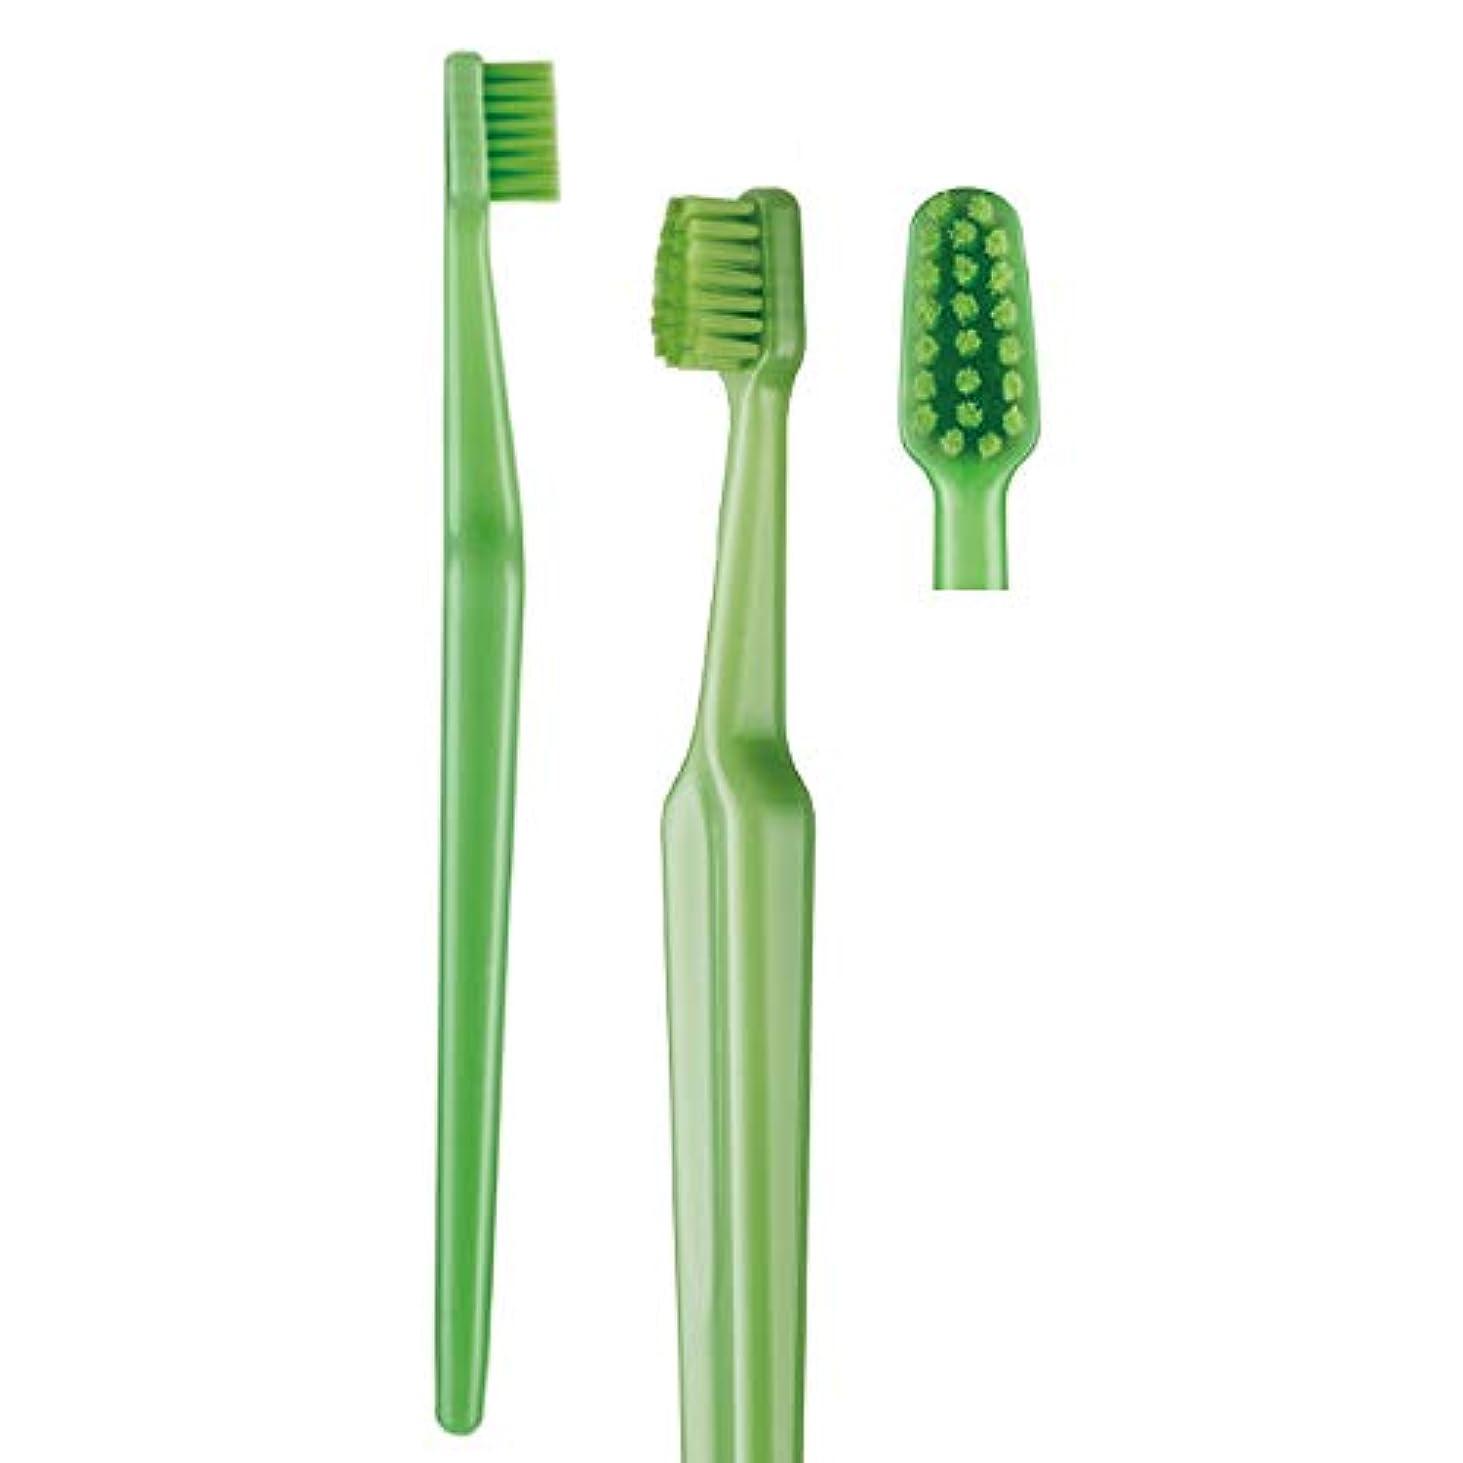 ヨーロッパ杖大事にする歯科専売品 大人用歯ブラシ TePe GOOD (グッド) ミニ エクストラソフト(超やわらかめ) ヘッド小 1本